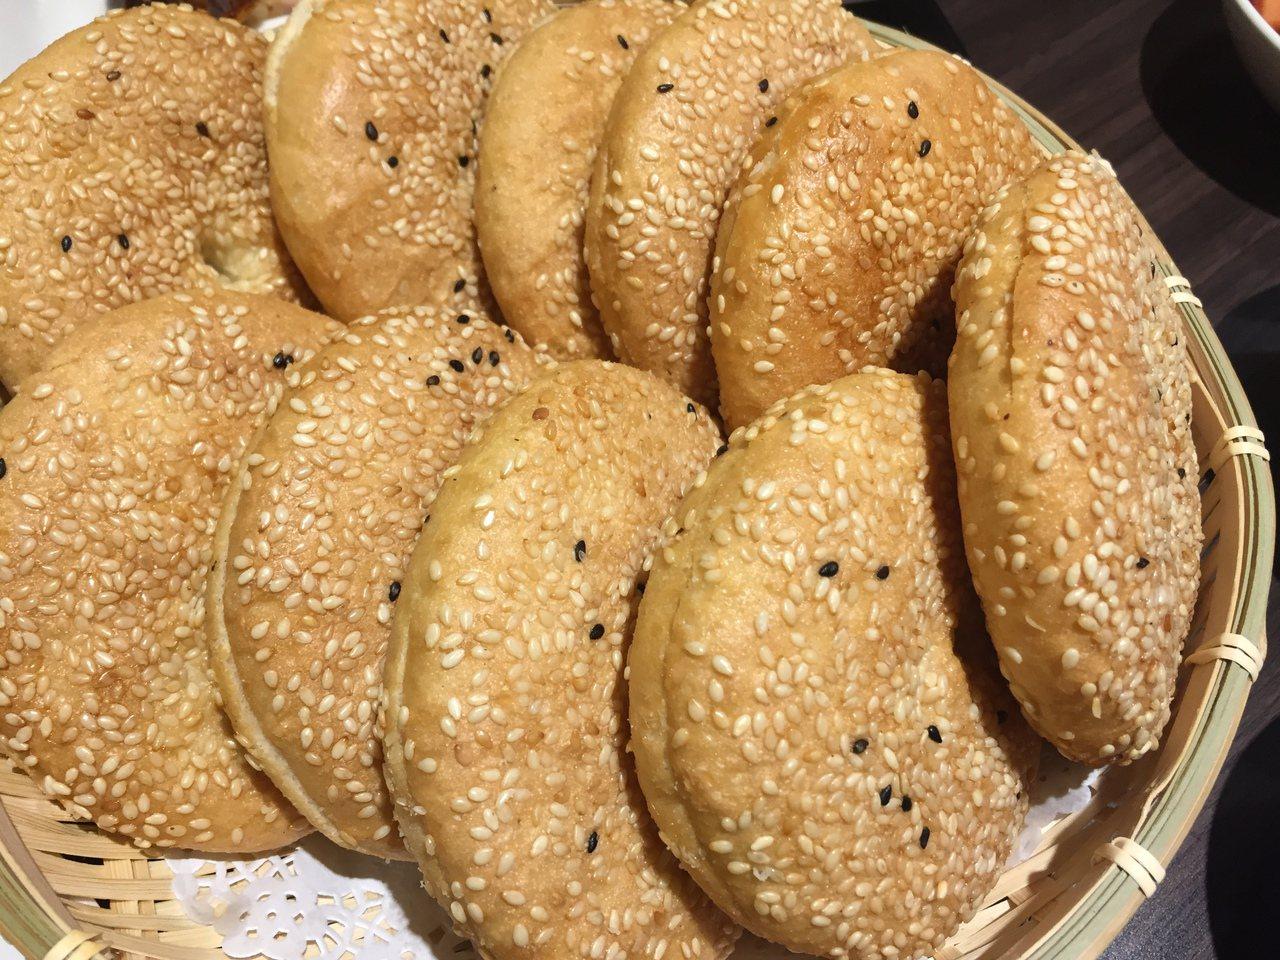 馬祖版的漢堡「繼光餅」。記者余采瀅/攝影